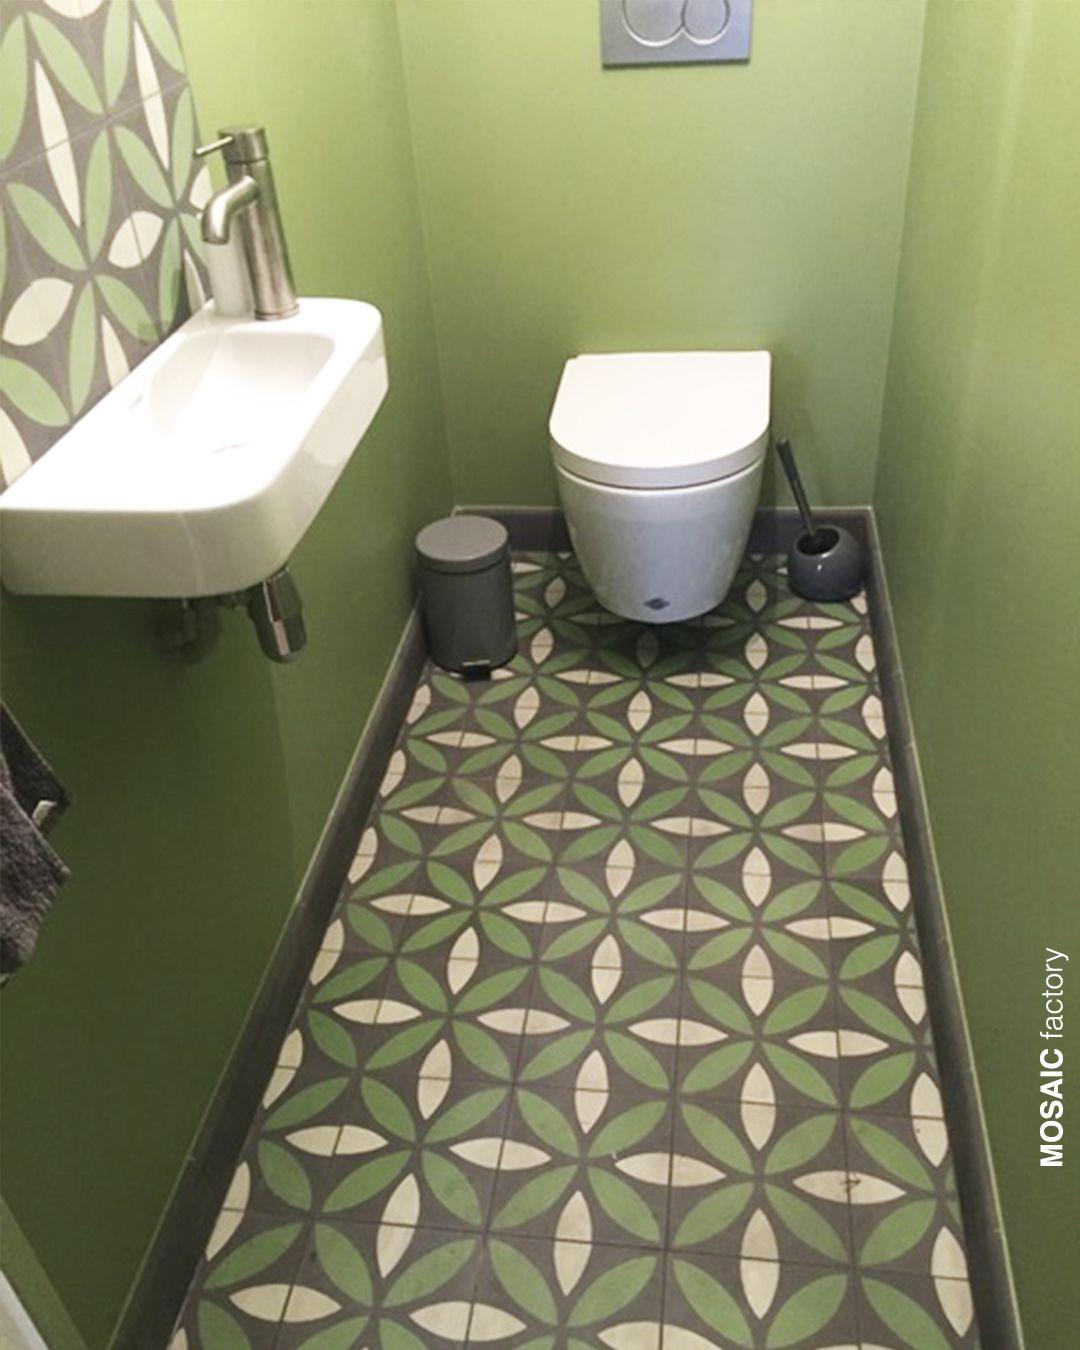 Grune Toilette Mit Passendem Gemustertem Zementfliesen Boden Personalisieren Sie Ihre Fliesen Um Ihr Innendesig Badezimmer Grun Bodenfliesen Bad Zementfliesen